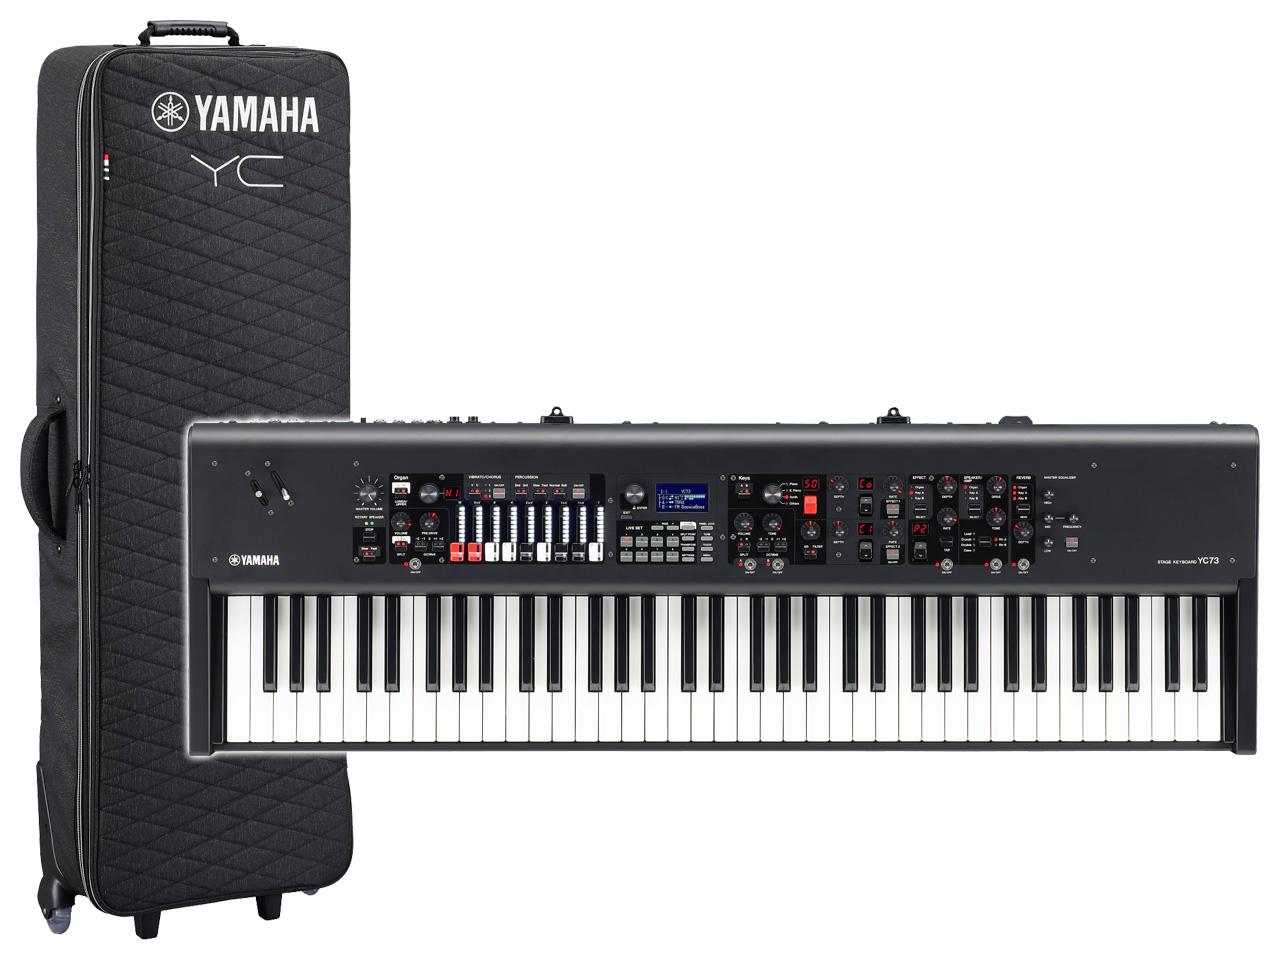 【即納可能】YAMAHA YC73 + 専用プレミアムソフトケース SC-YC73 セット(新品)【送料無料】